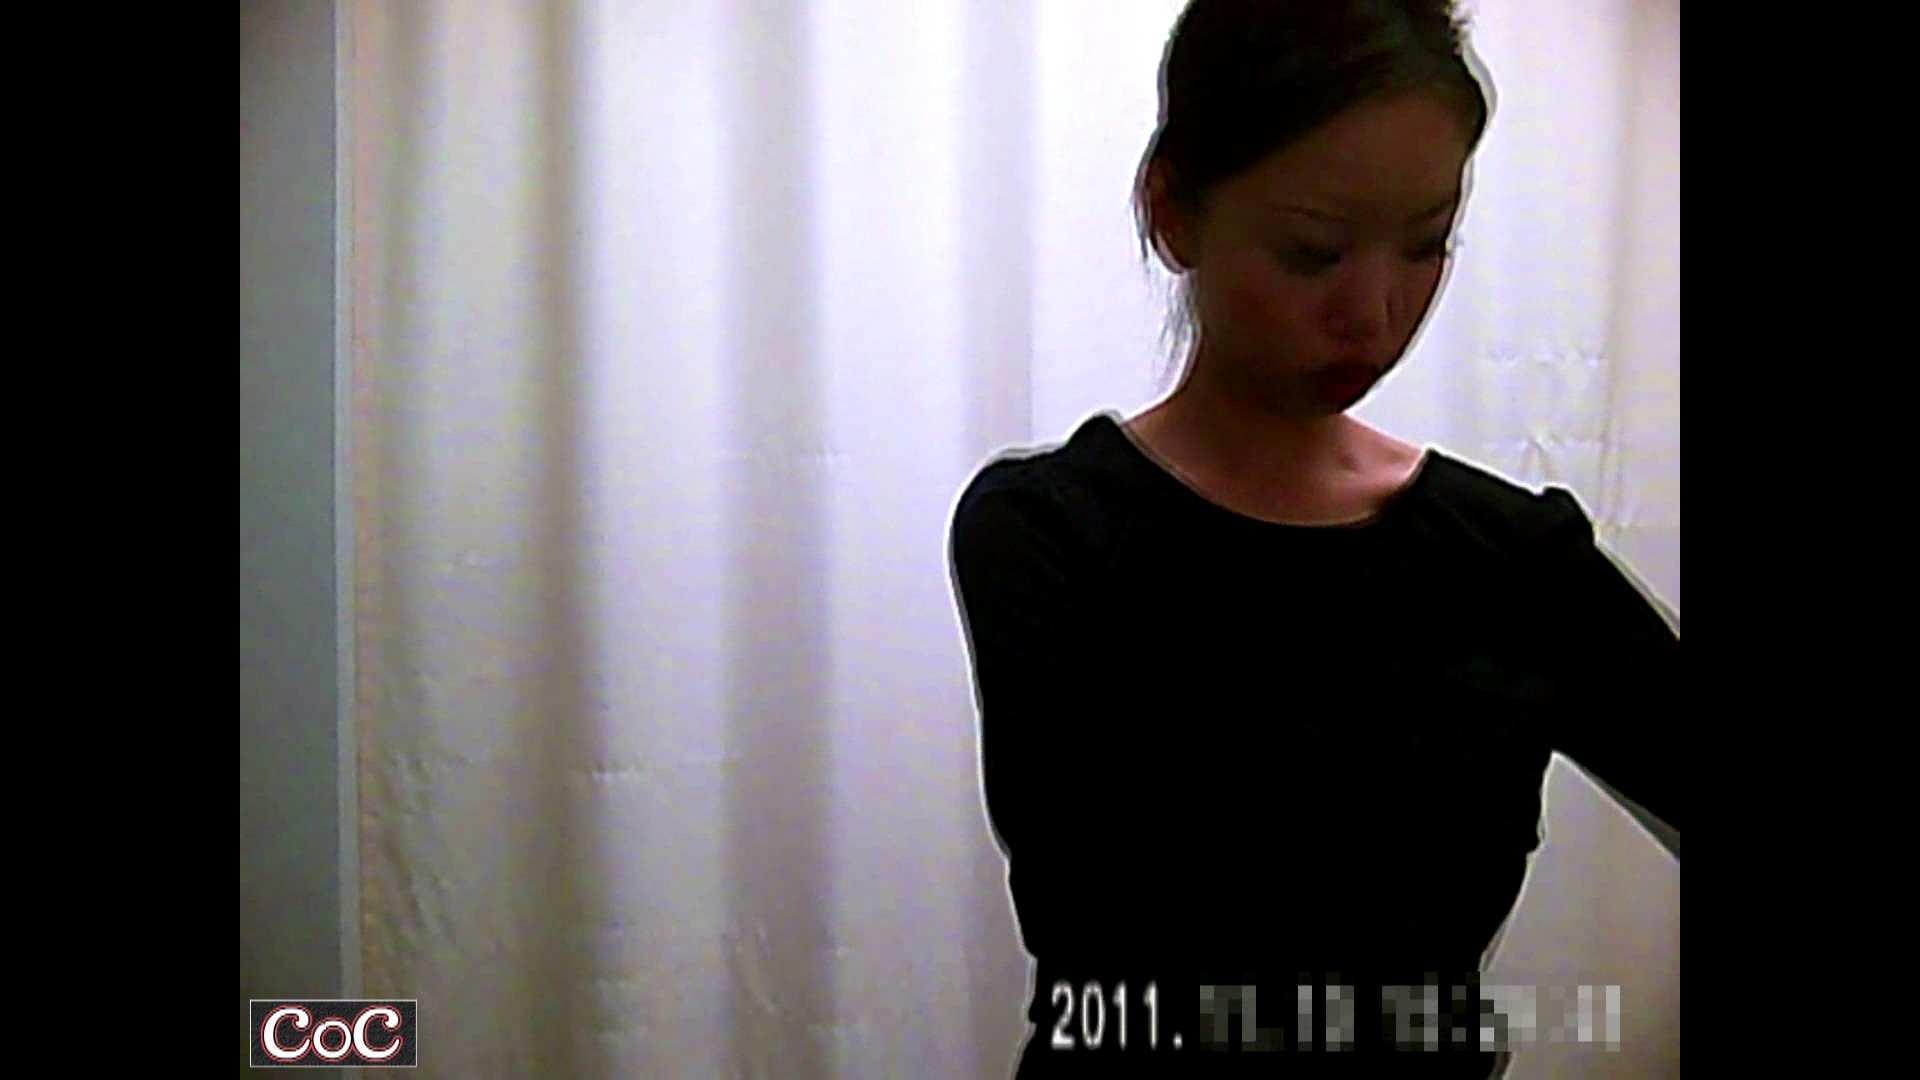 病院おもいっきり着替え! vol.87 巨乳 盗撮セックス無修正動画無料 107PICs 82